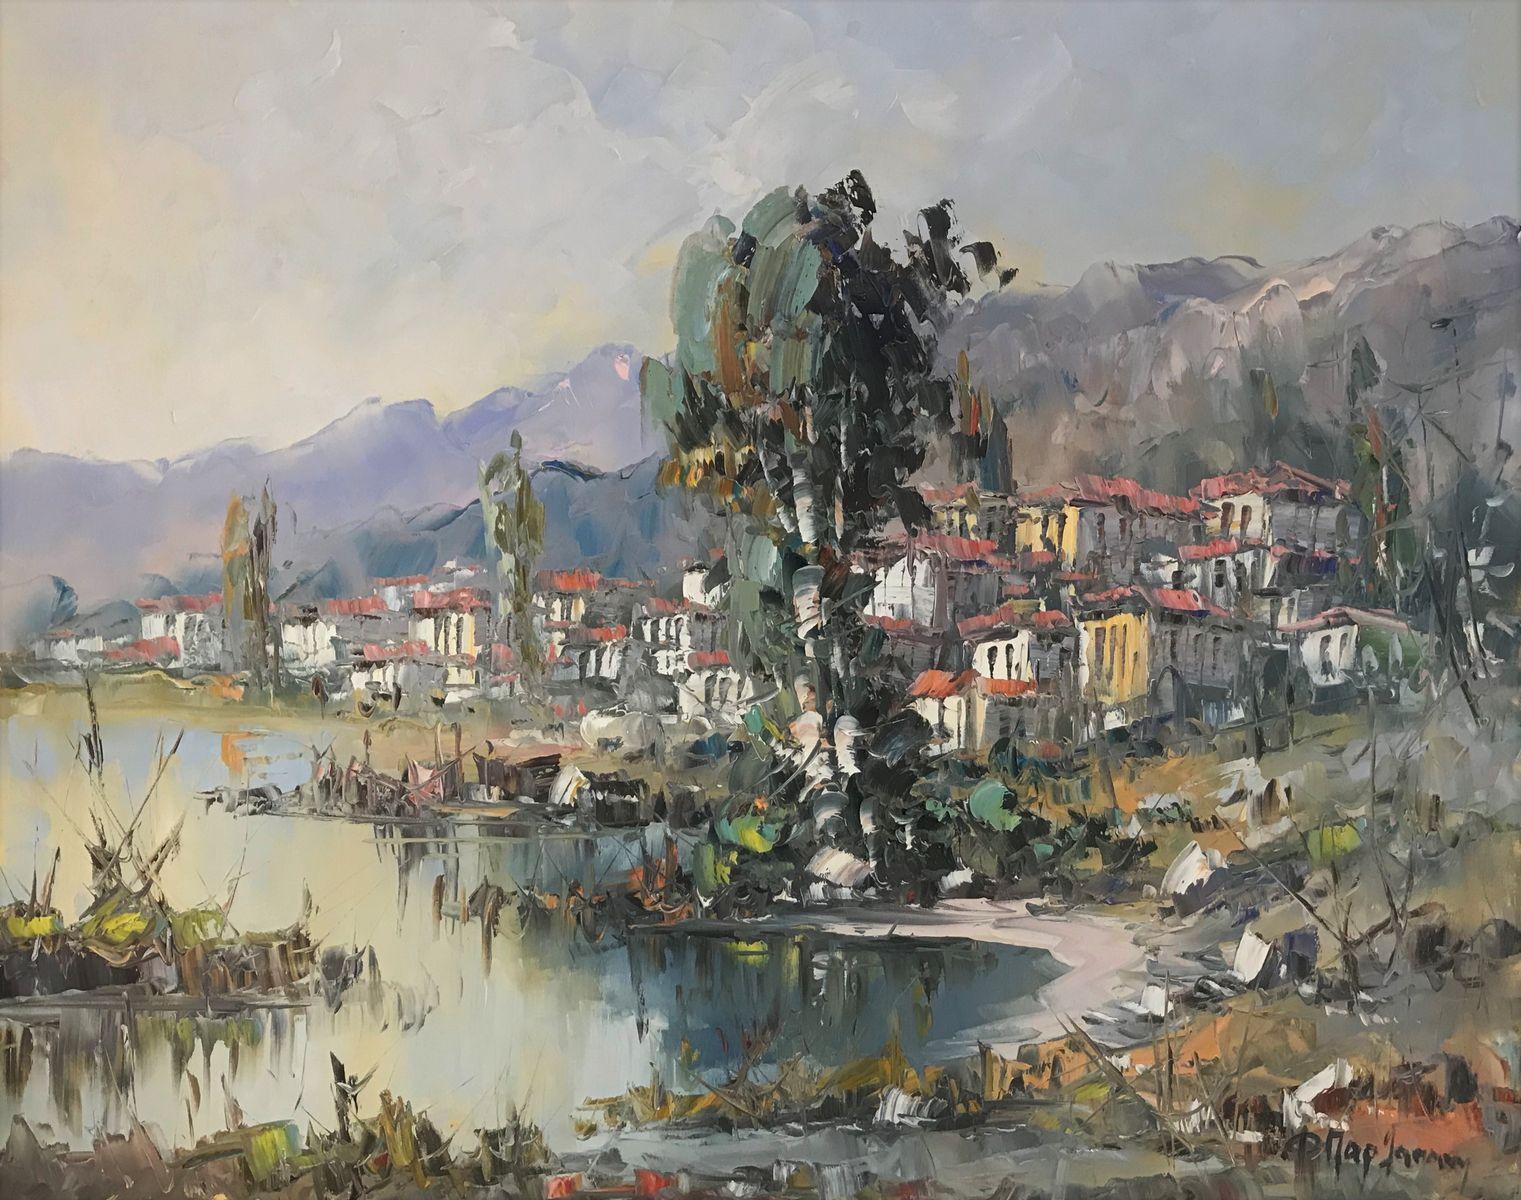 Φανή Παρλαπάνη 80×100 εκ. Λάδια σε καμβά Fani Parlapani 80×100 cm Oils on canvas